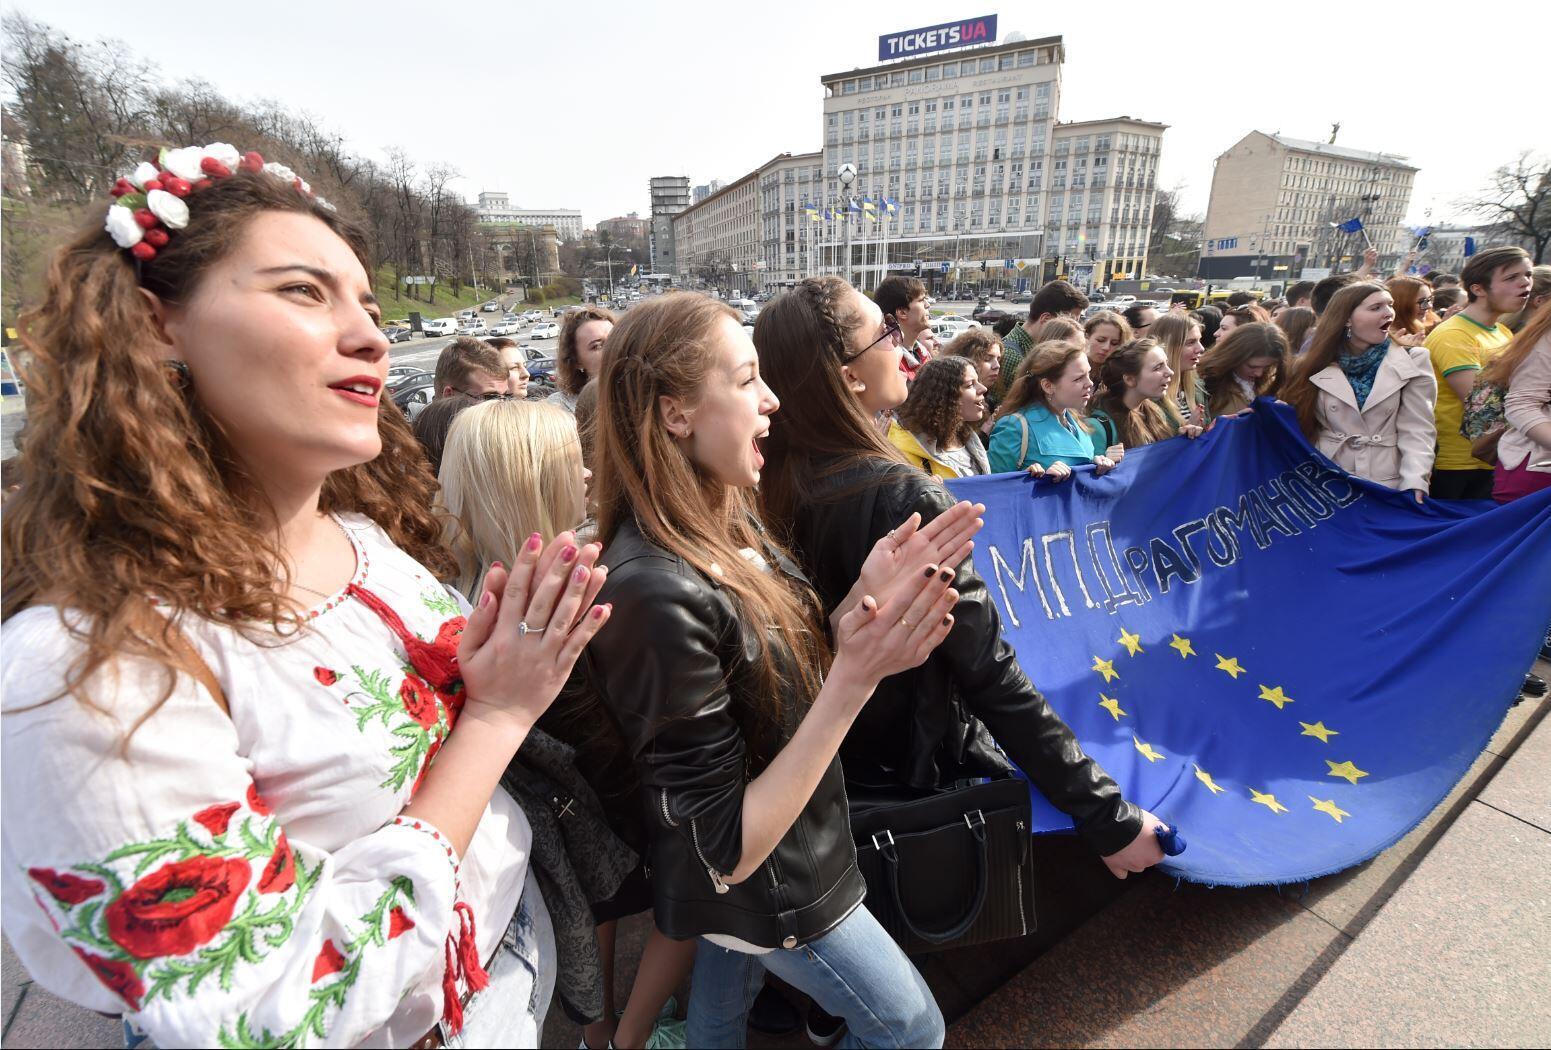 Студенты вышли на акцию в Киеве в день проведения референдума о соглашении ЕС и Украины в Нидерландах, 6 апреля 2016 г.